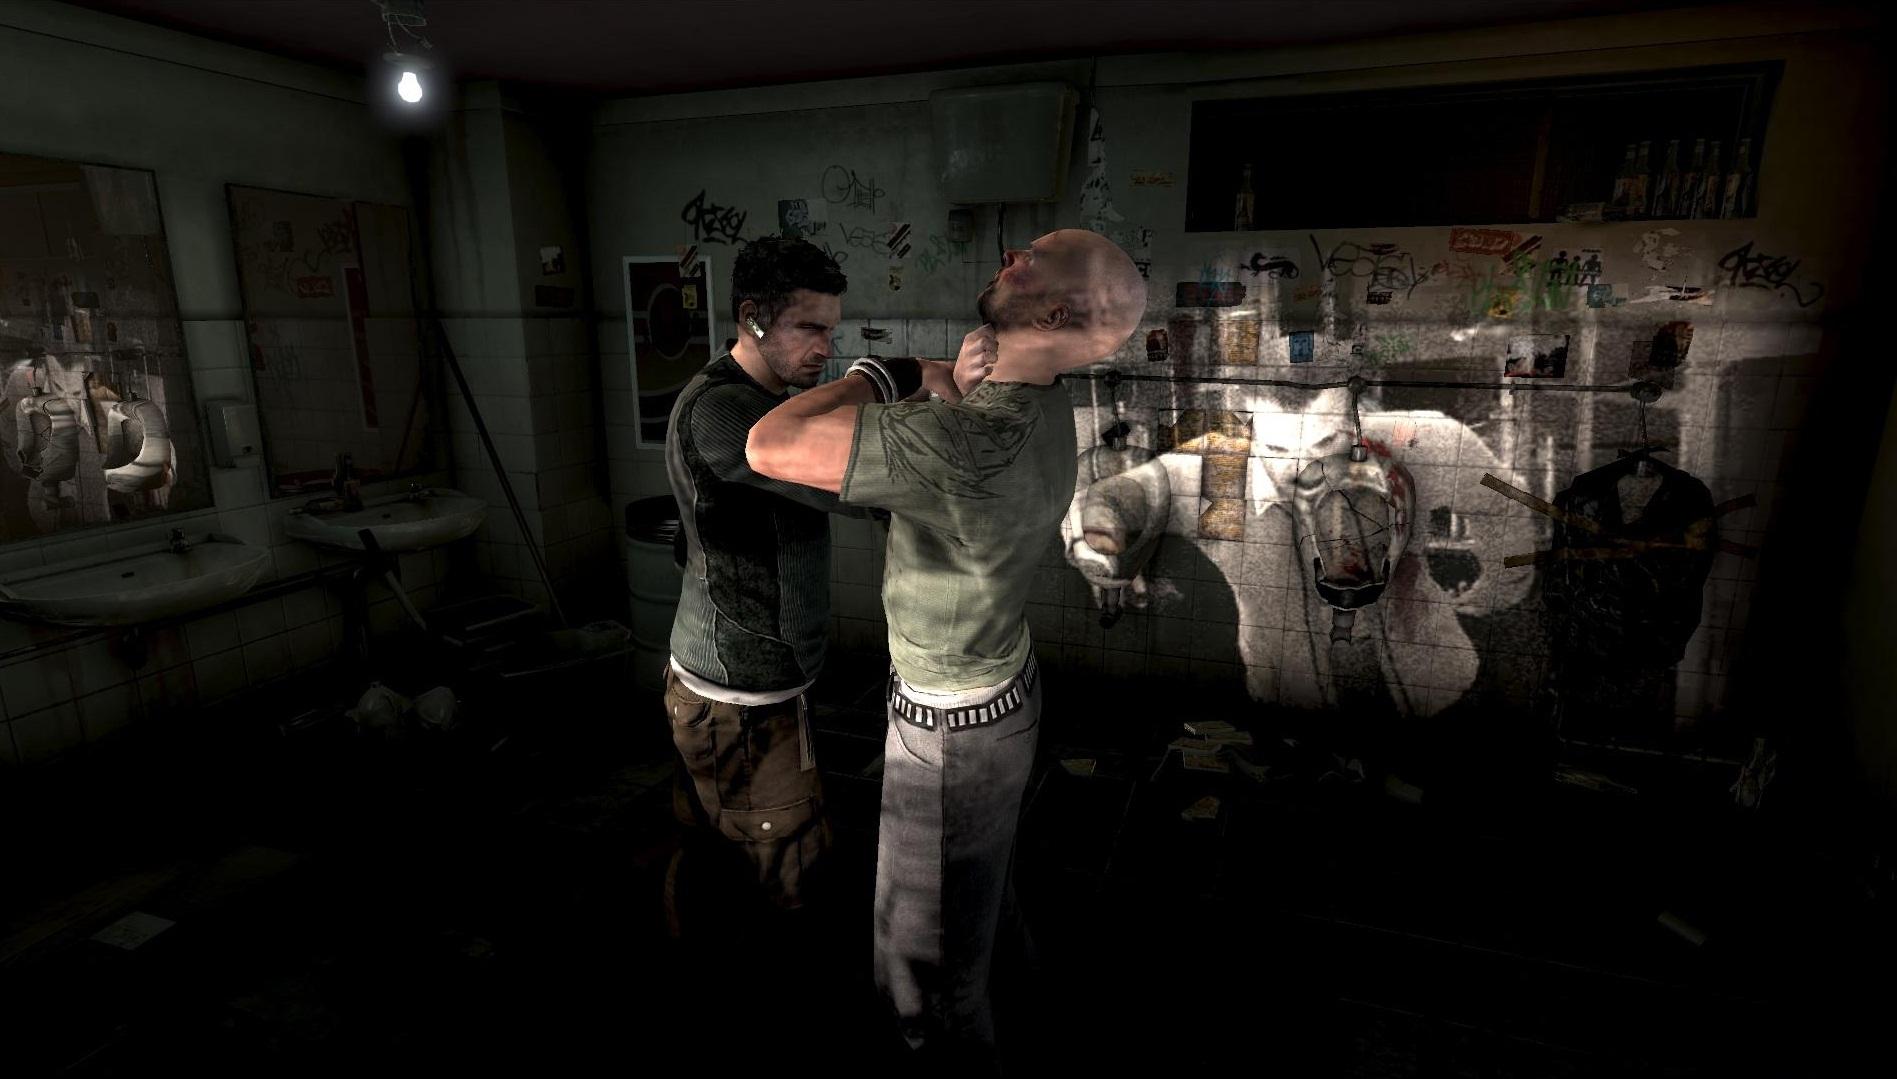 A Splinter Cell: Conviction című játékban a kihallgatás által nyert információ vizuálisan is megjelenik egy képzeletbeli vetítő által.